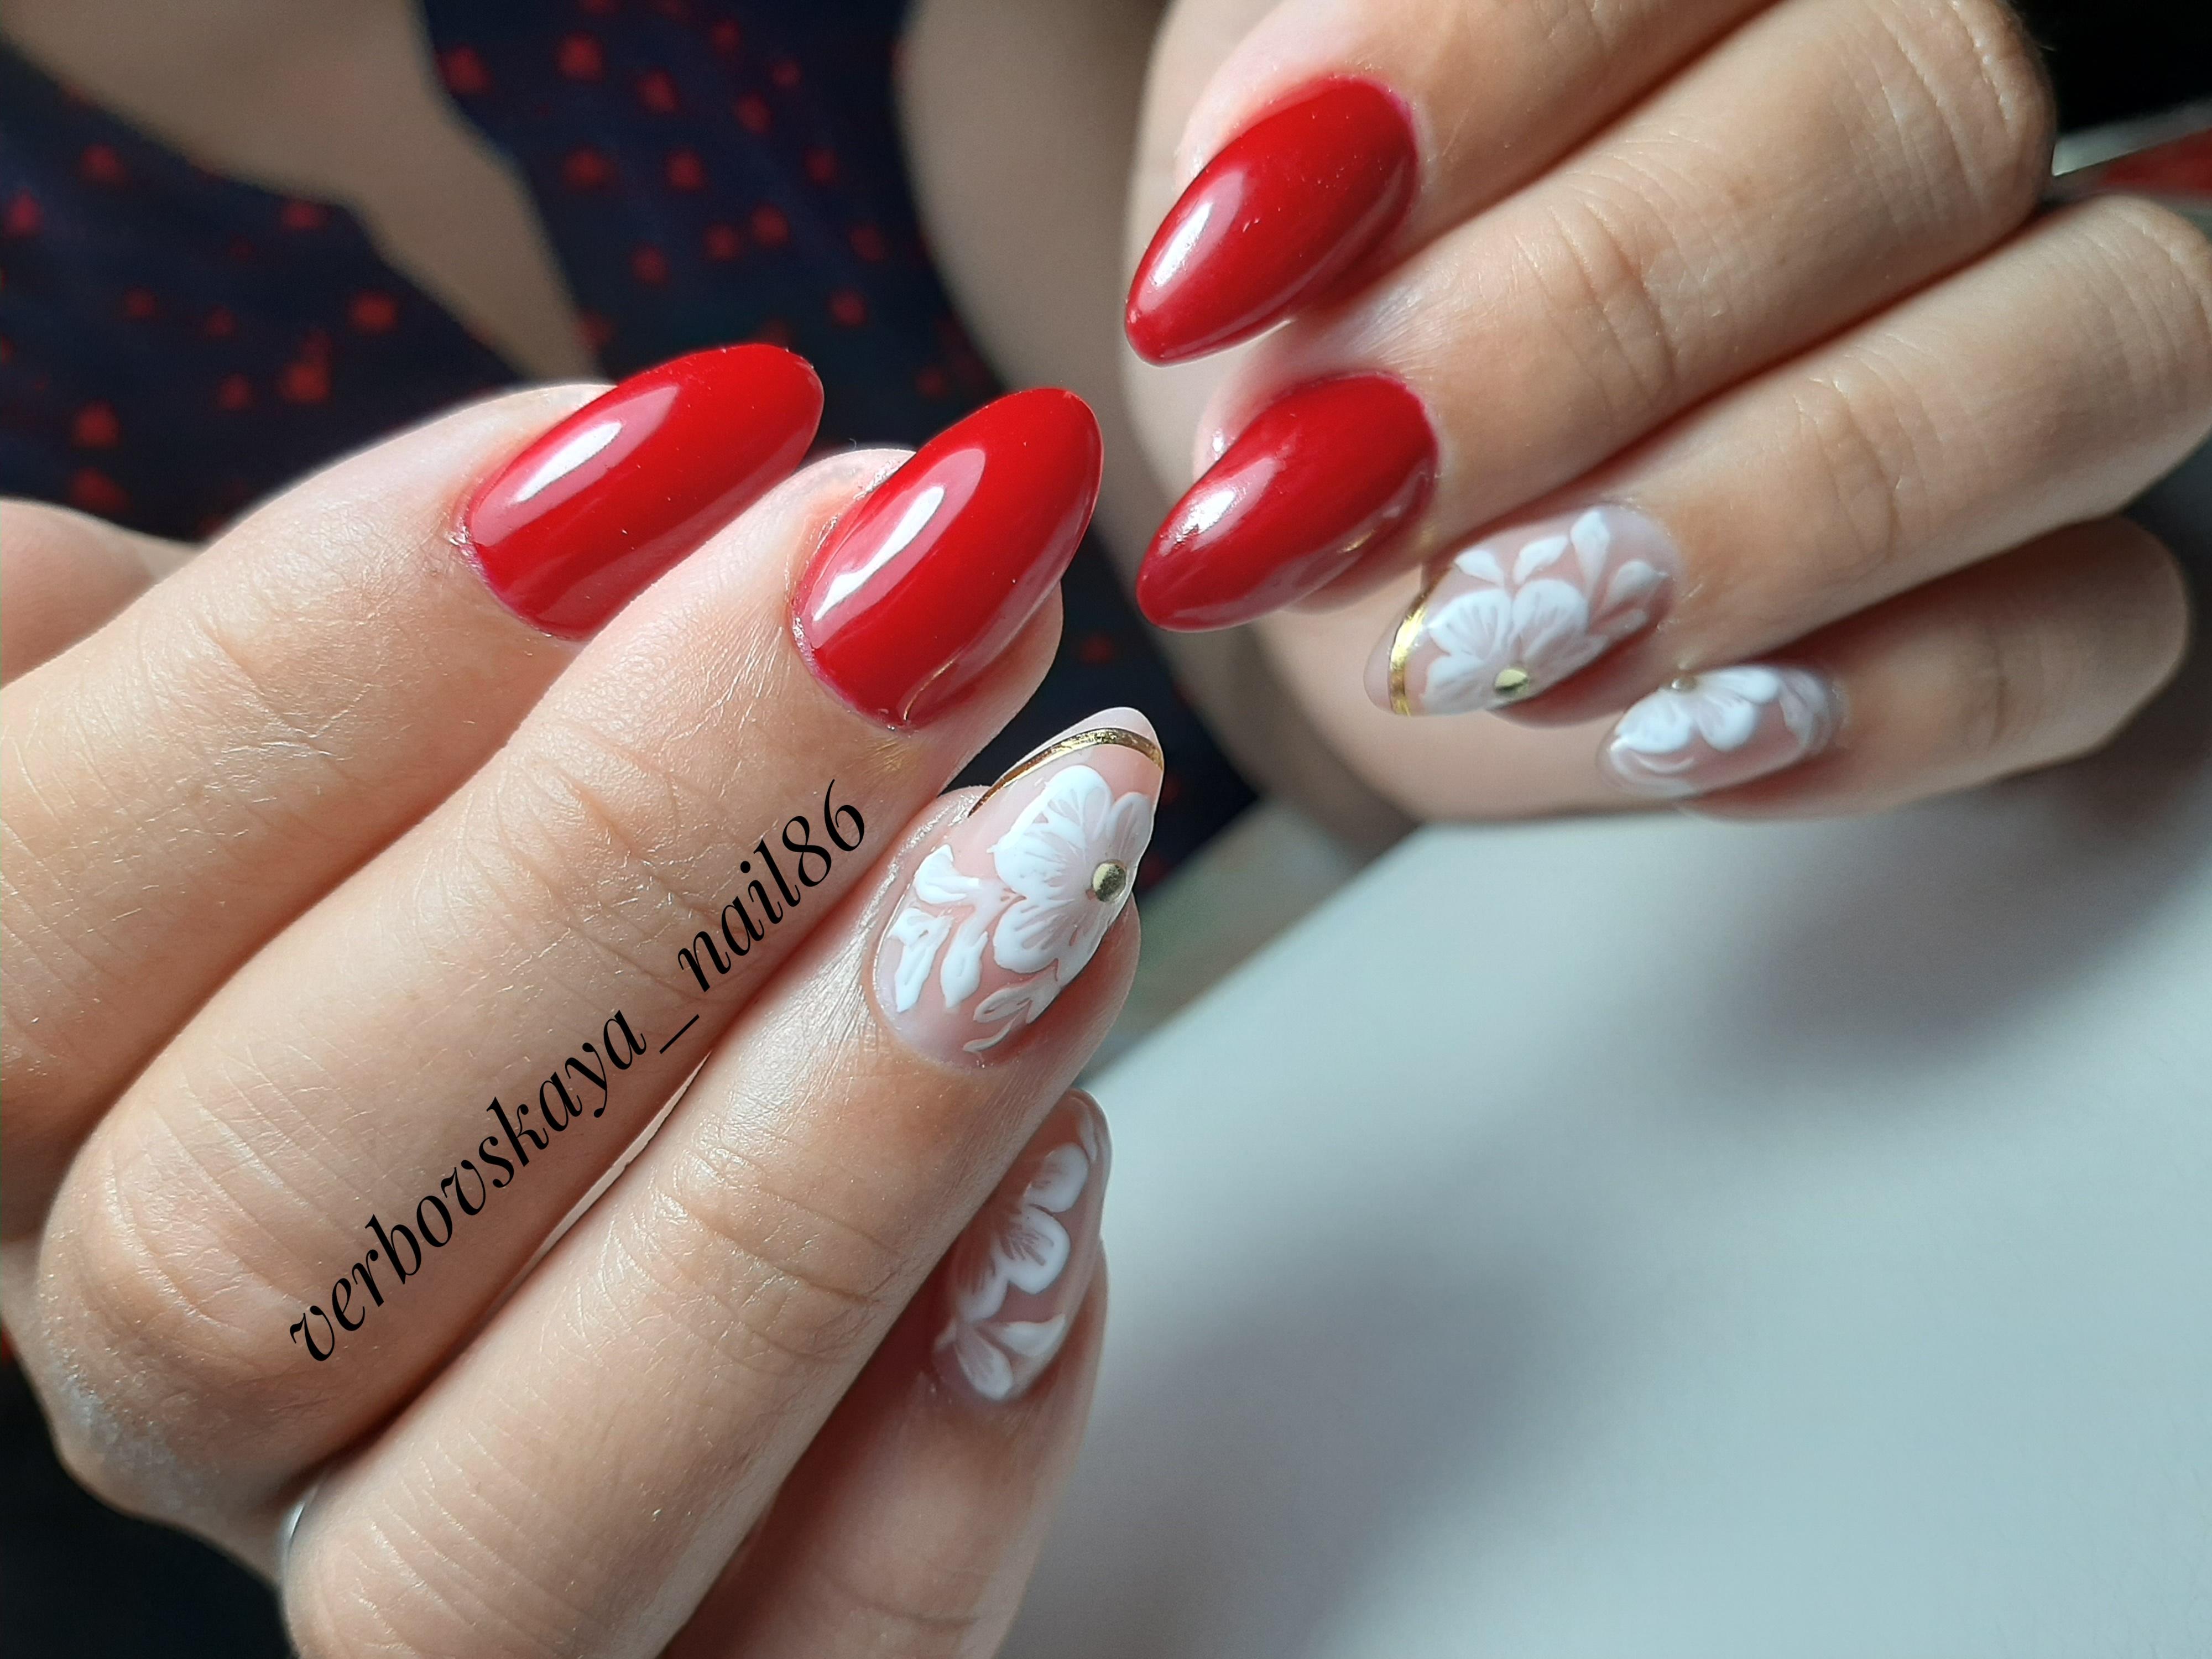 Маникюр с цветочным рисунком в красном цвете на длинные ногти.